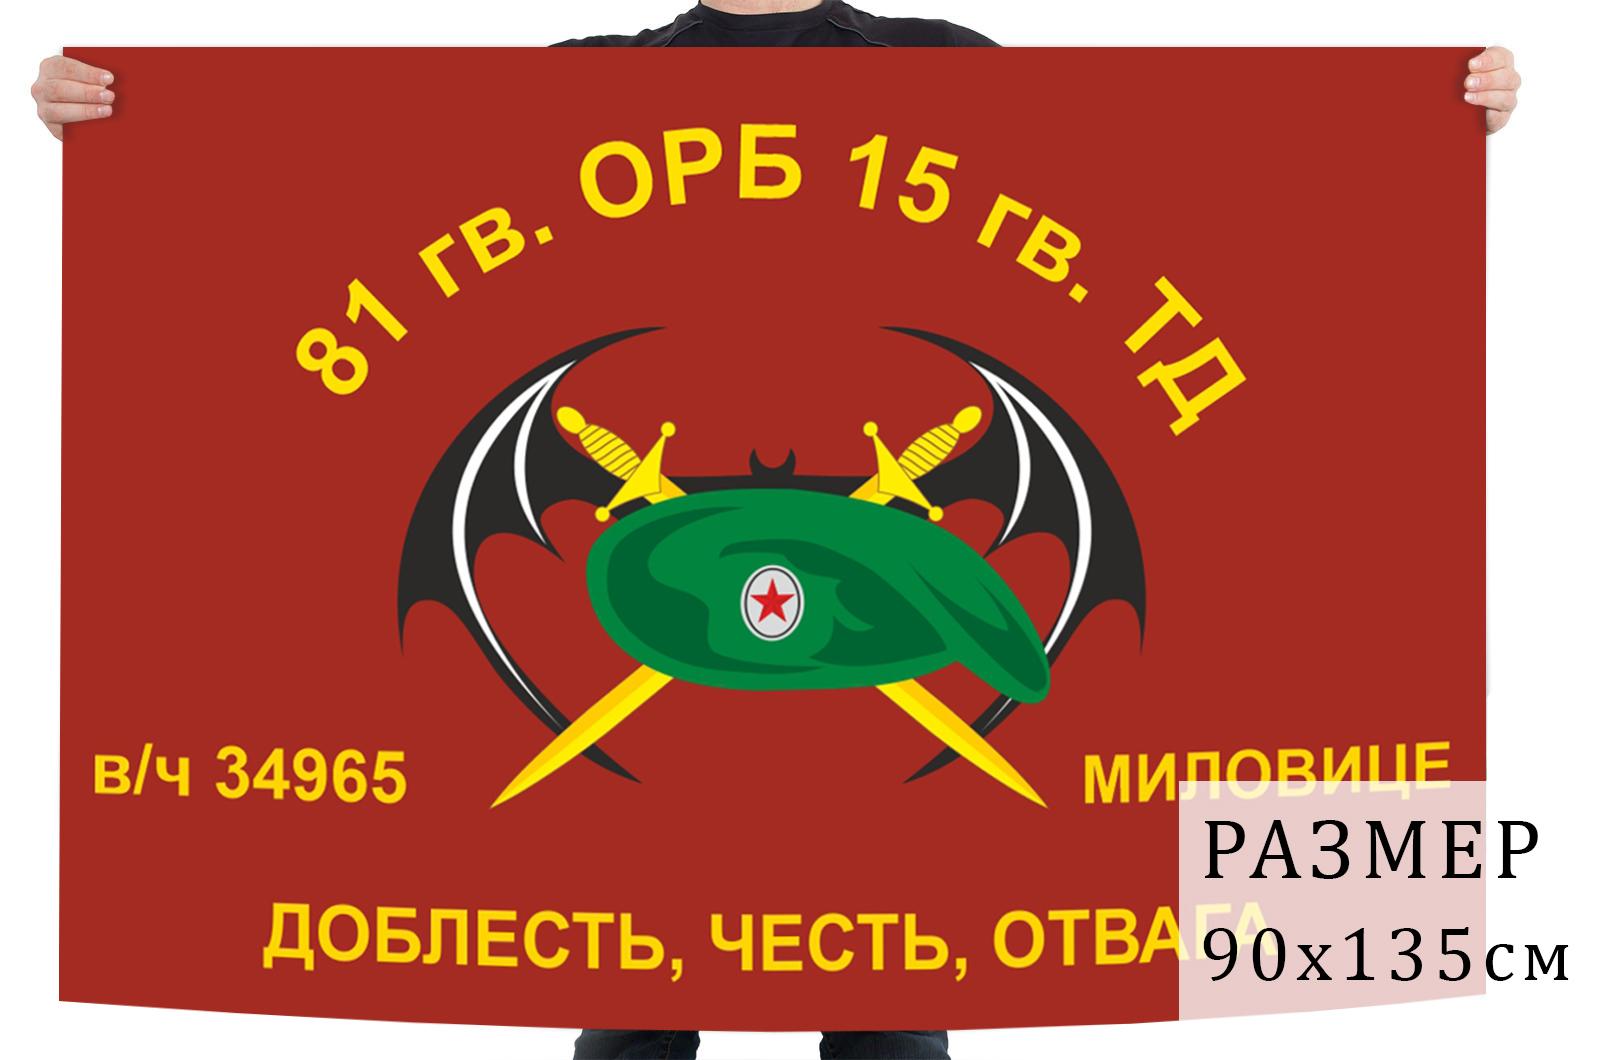 Флаг 81 отдельного разведывательного батальона 15 гвардейской ТД